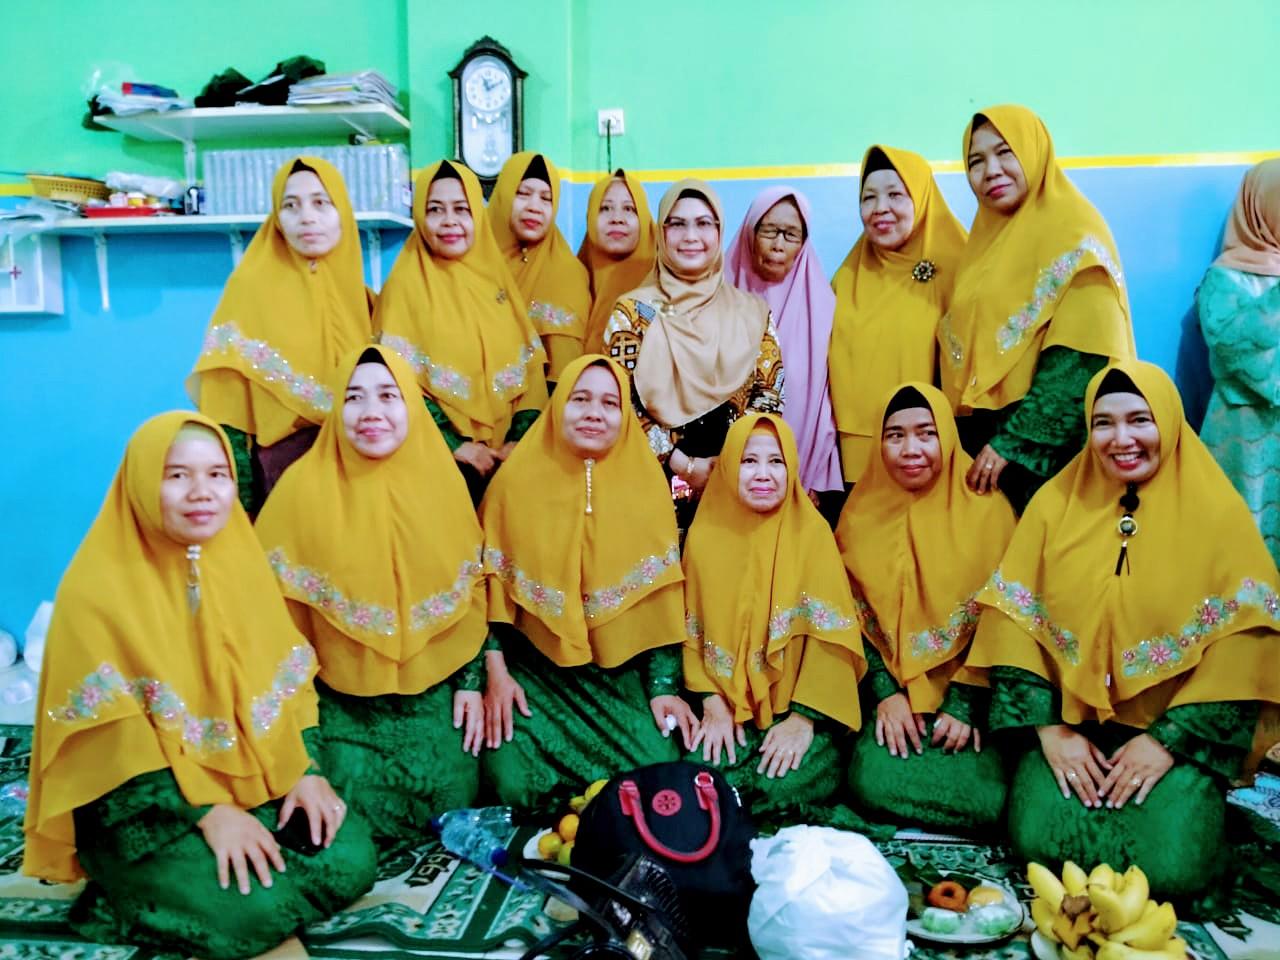 iti Nur Azizah saat memberikan sambutannya dalam kegiatan pengajian di Majlis Ta'lim Al Falah dalam rangkaian Maulid Nabi Muhammad SAW, di Kelurahan Cirendeu, Ciputat Timur, Rabu (4/12/2019).